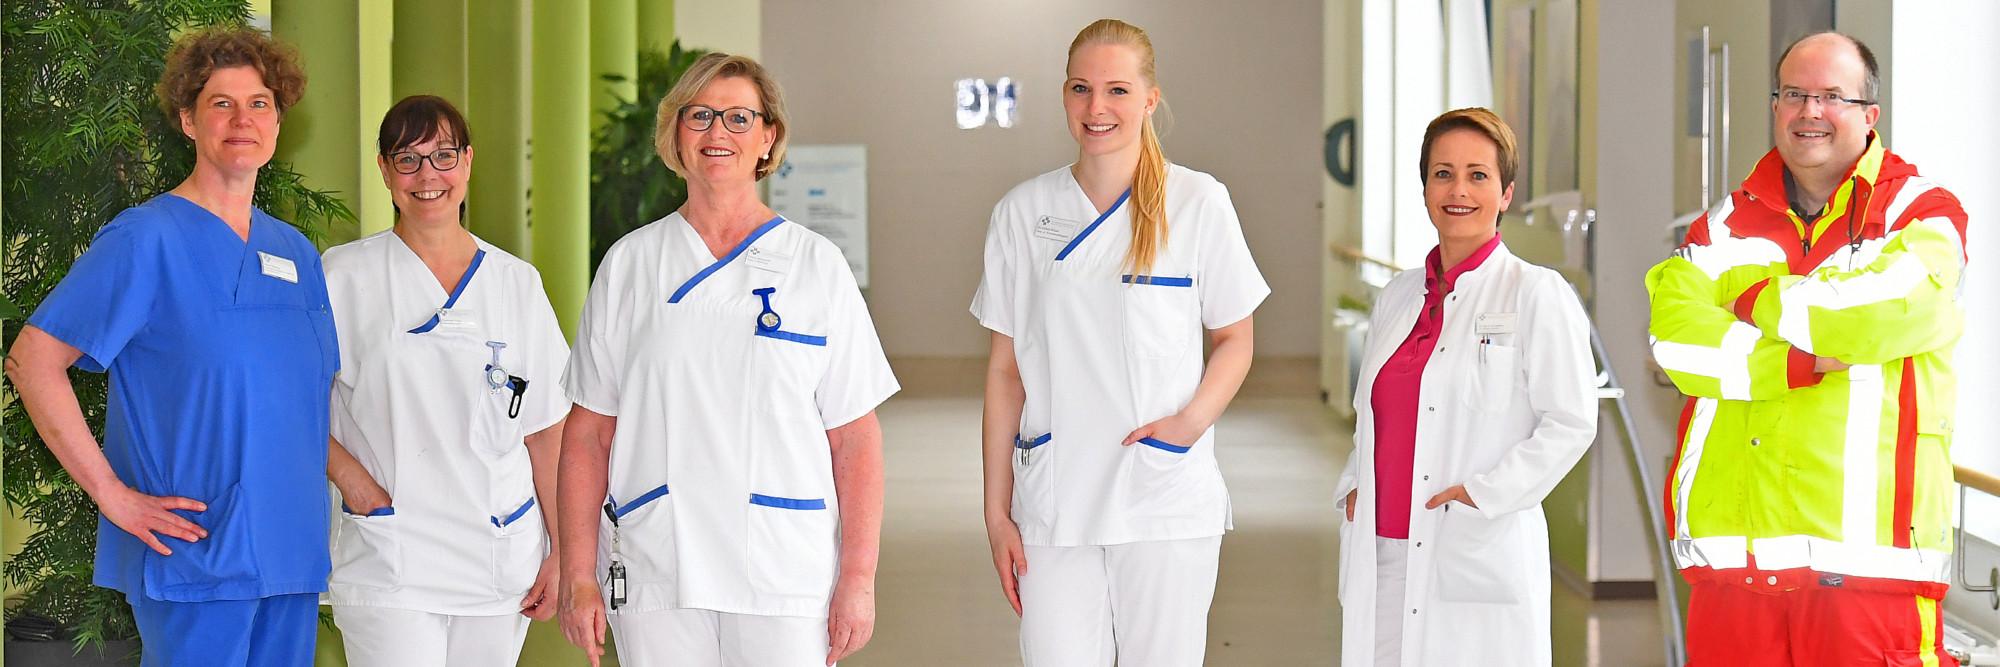 Ärzte und Pflegepersonal des Katholischen Karl-Leisner-Klinikums im Gruppenbild.